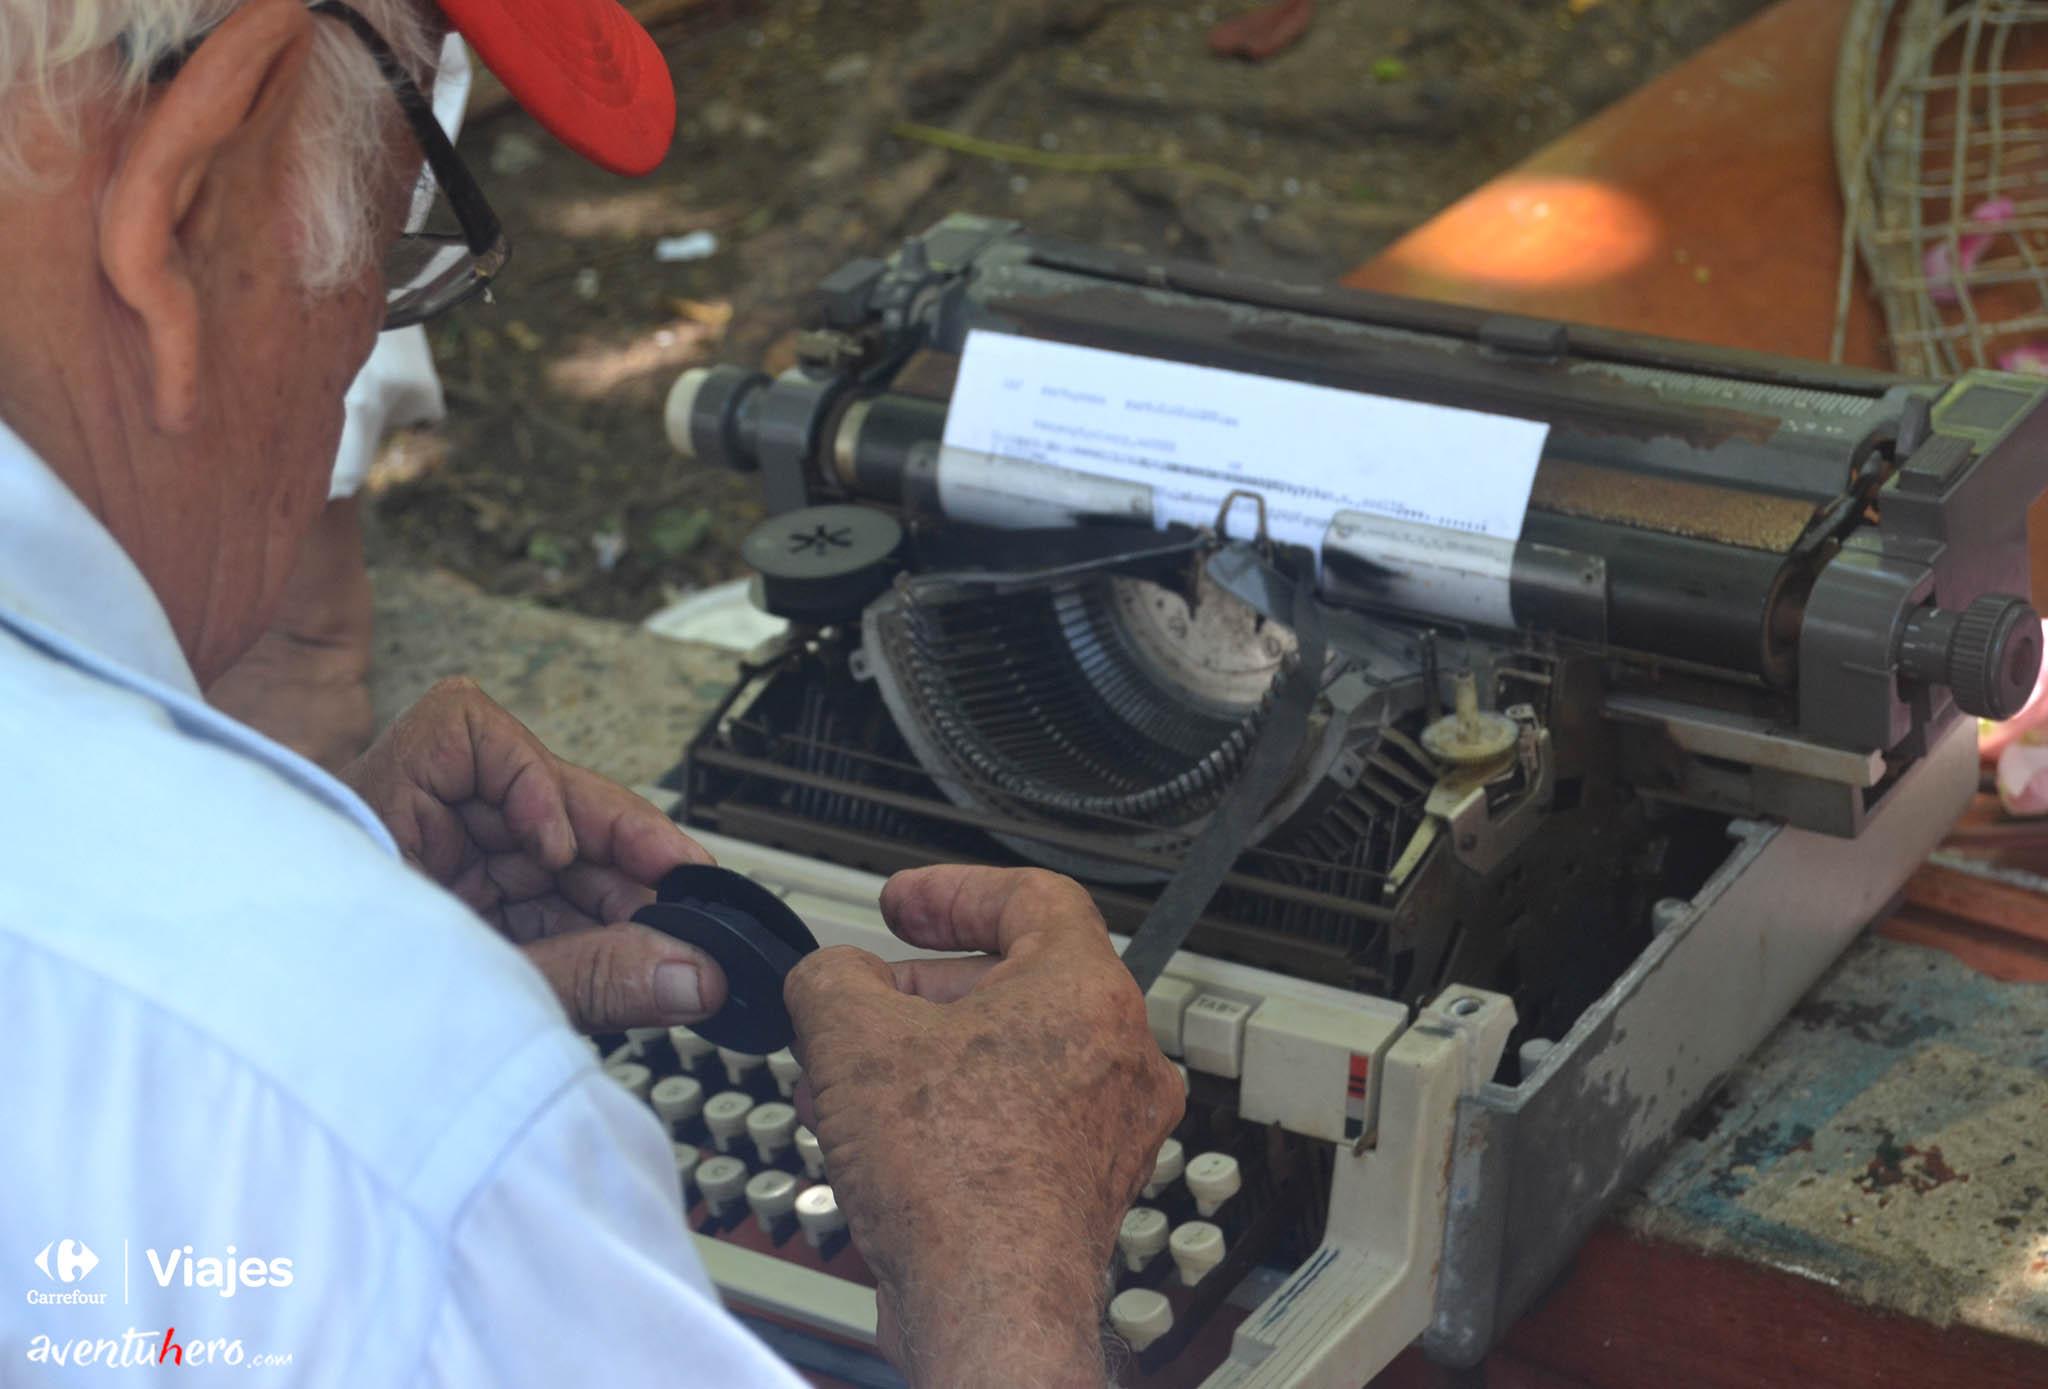 Reparando la vieja máquina de escribir